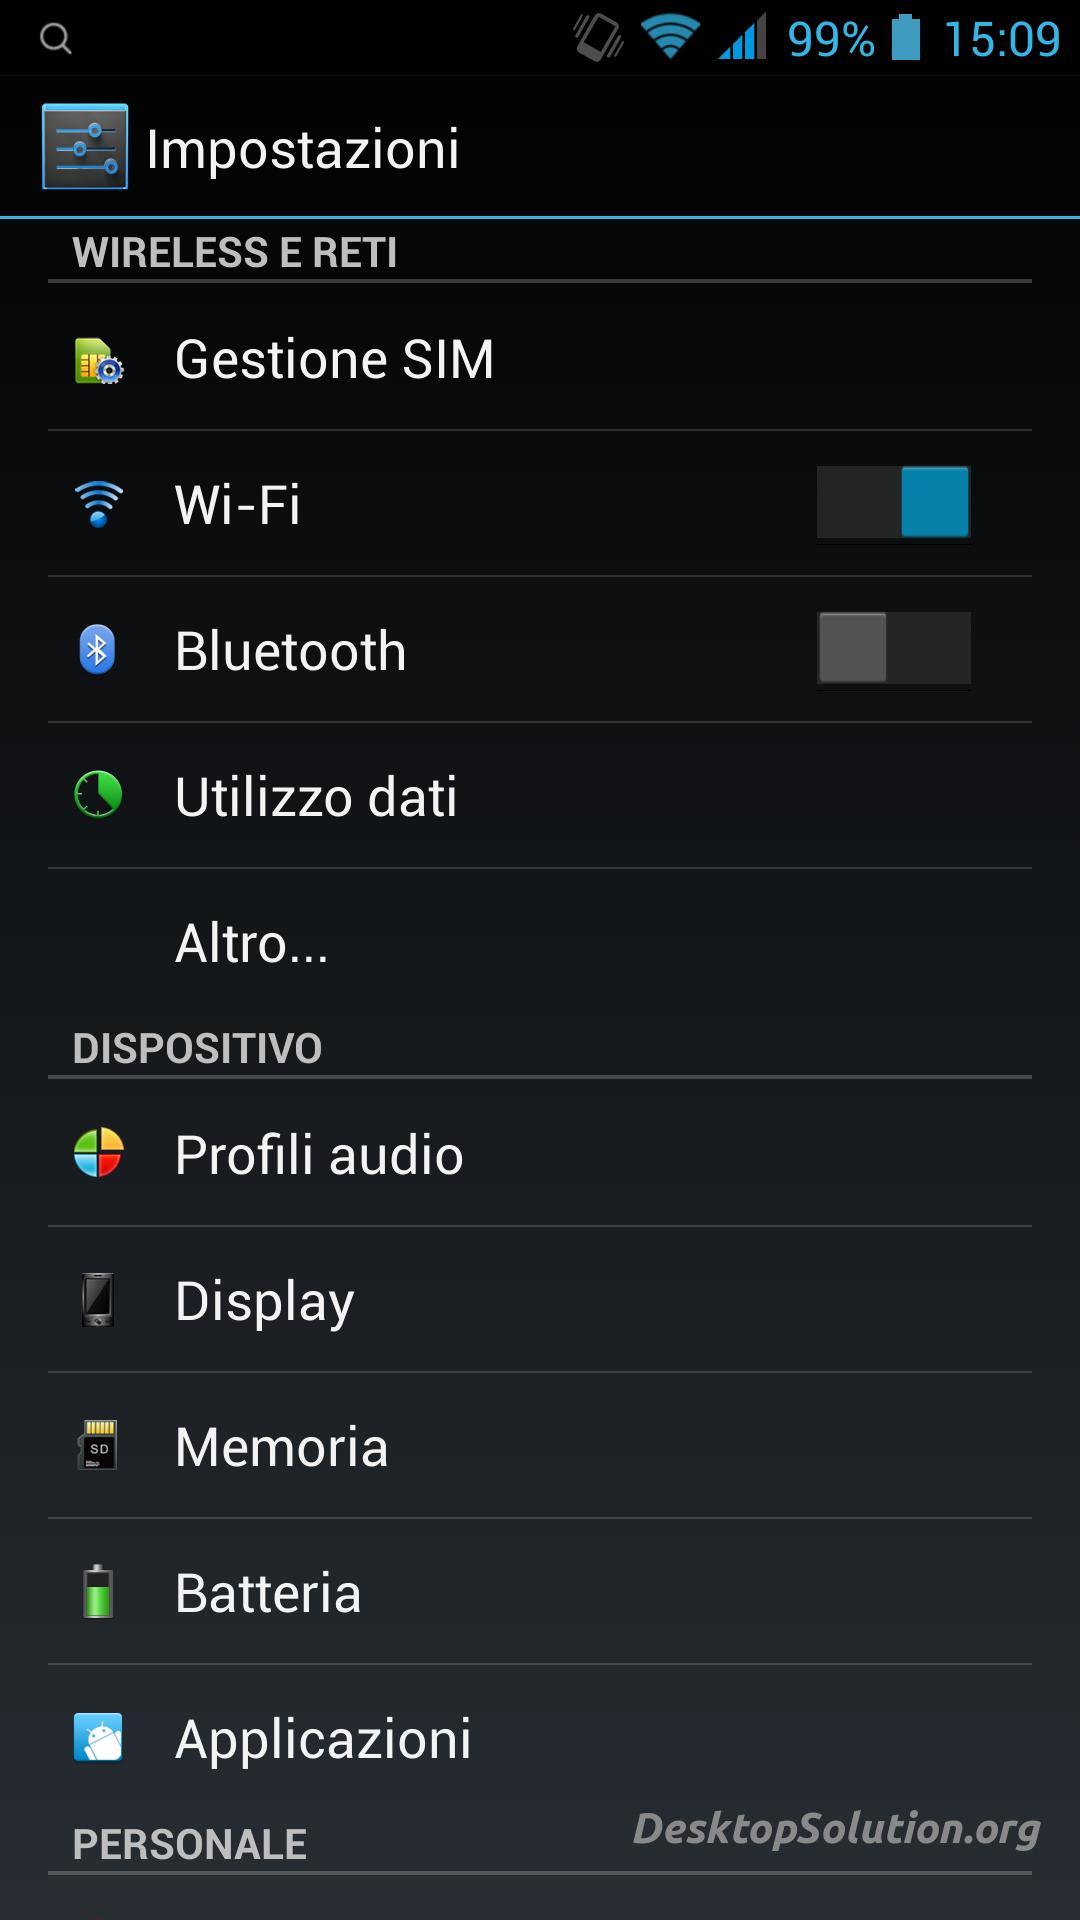 Impostazioni Android Altro